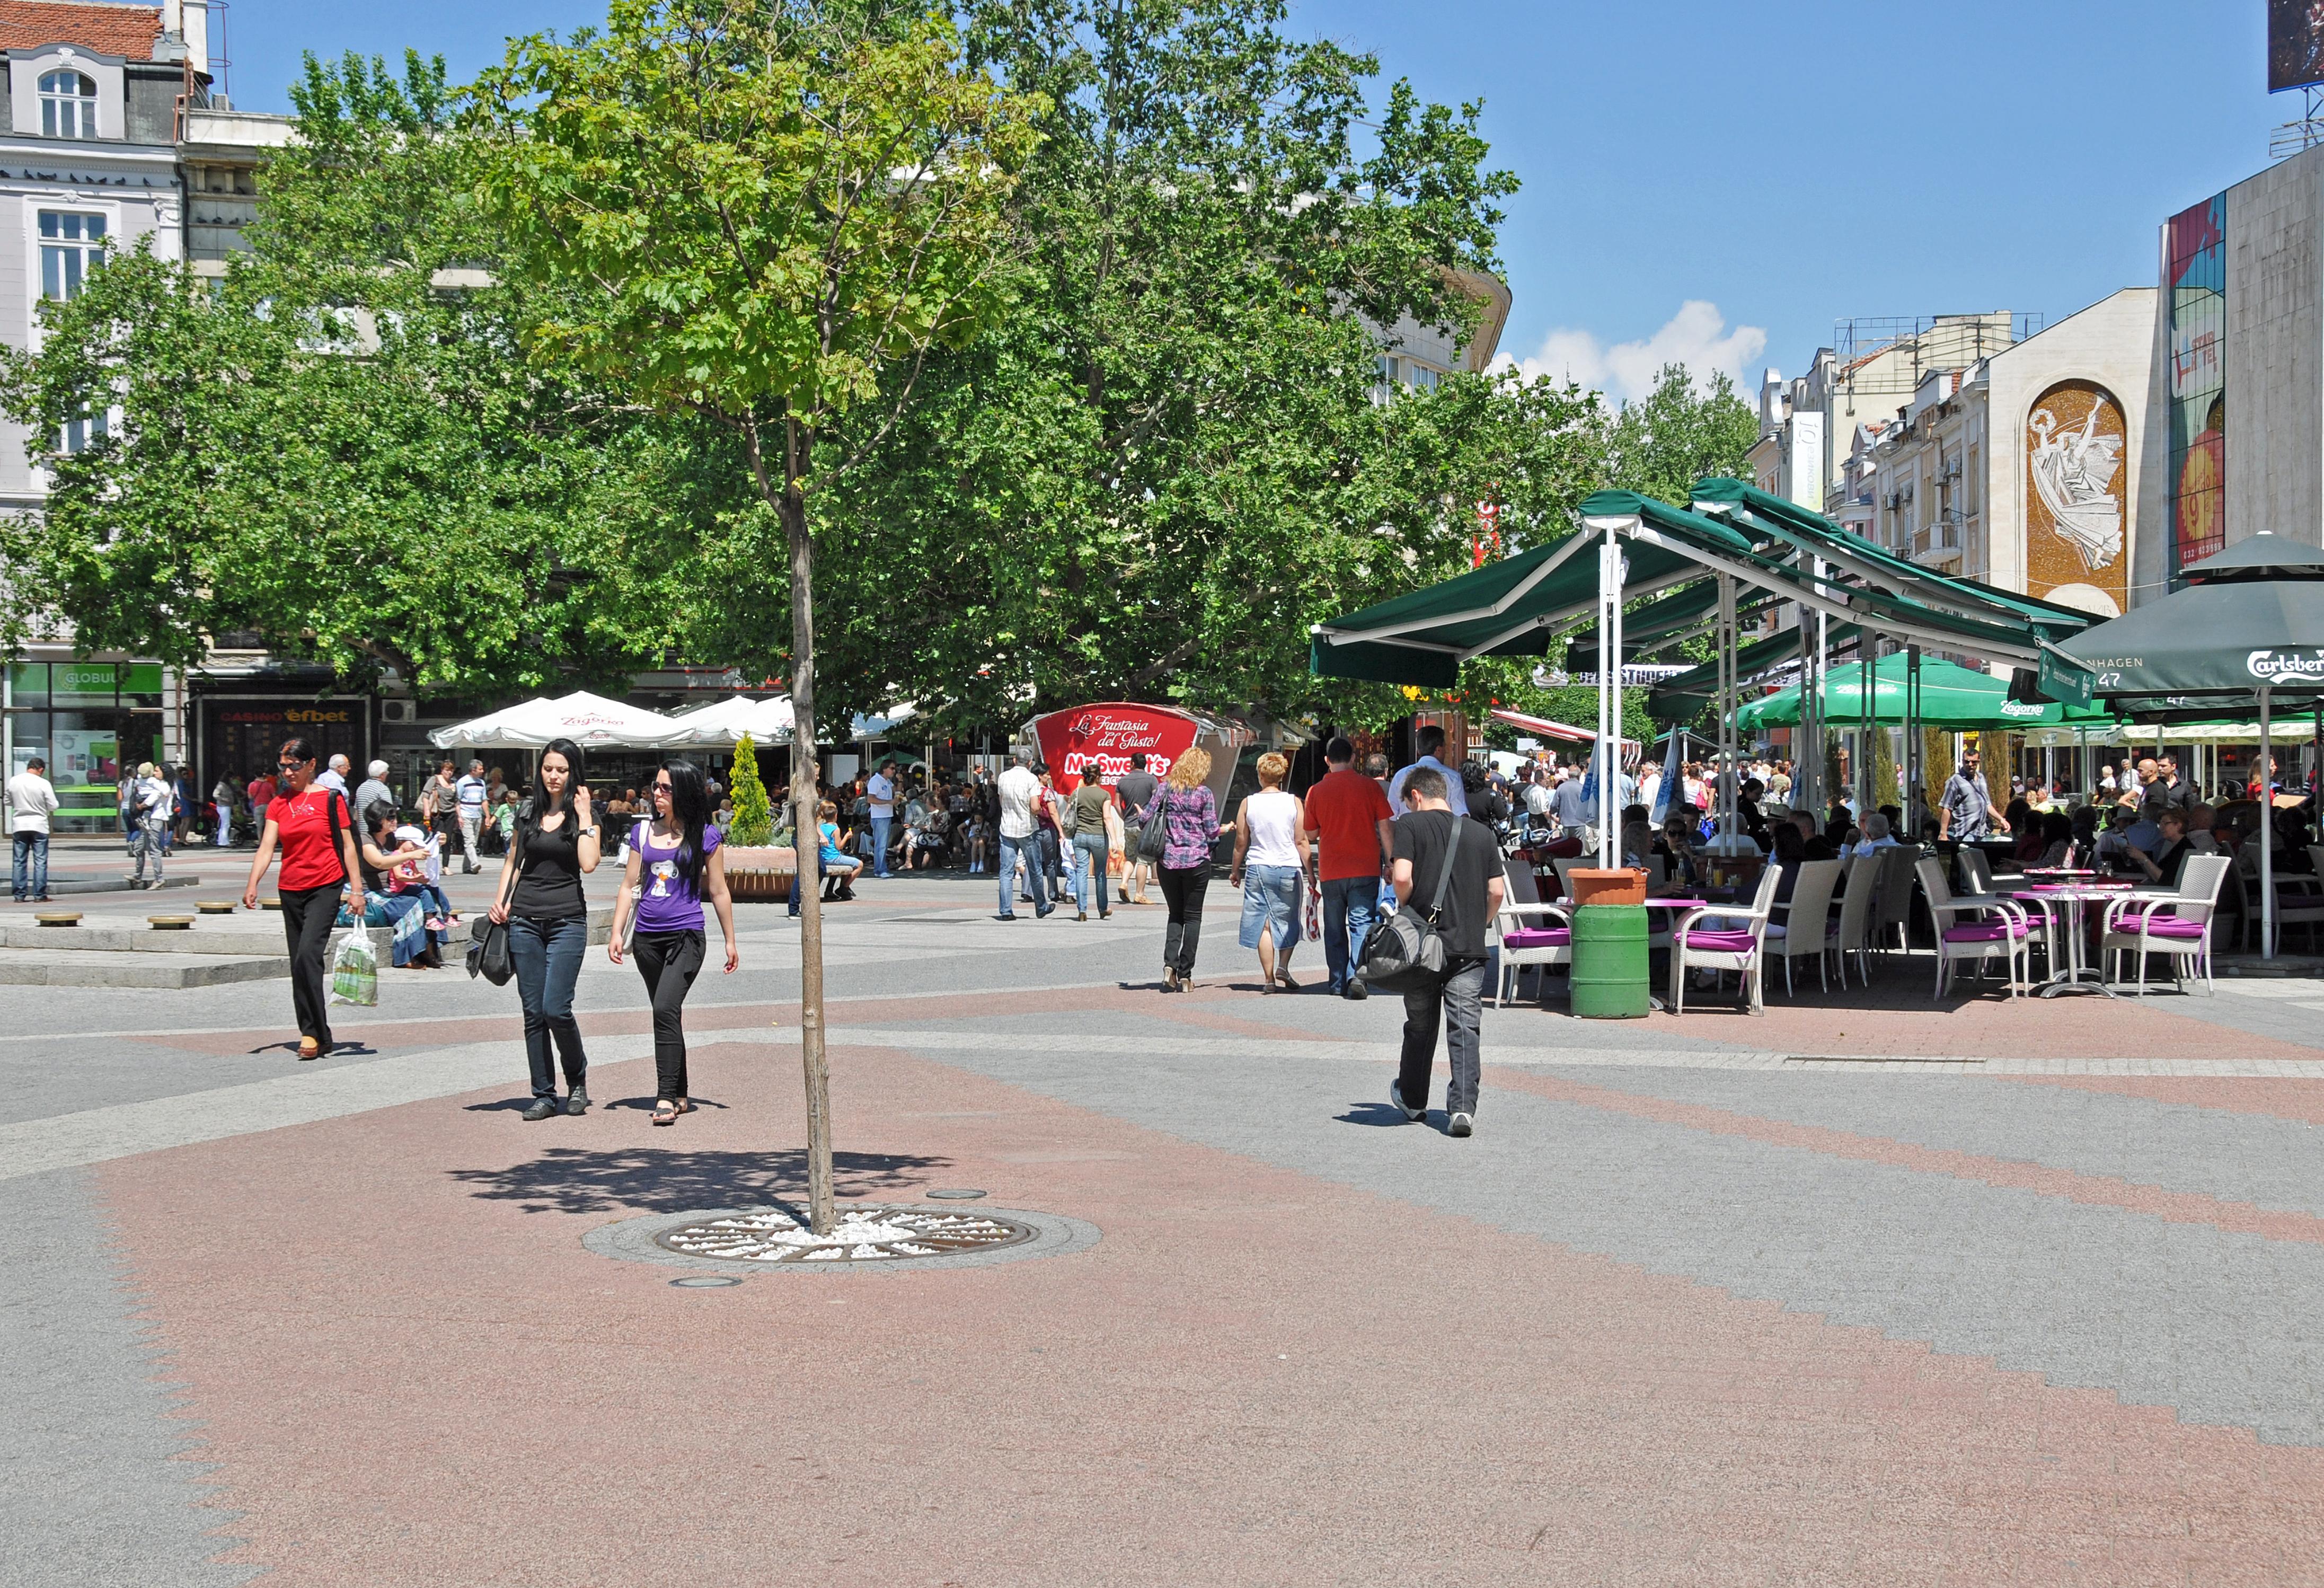 Plovdiv Bulgaria city center